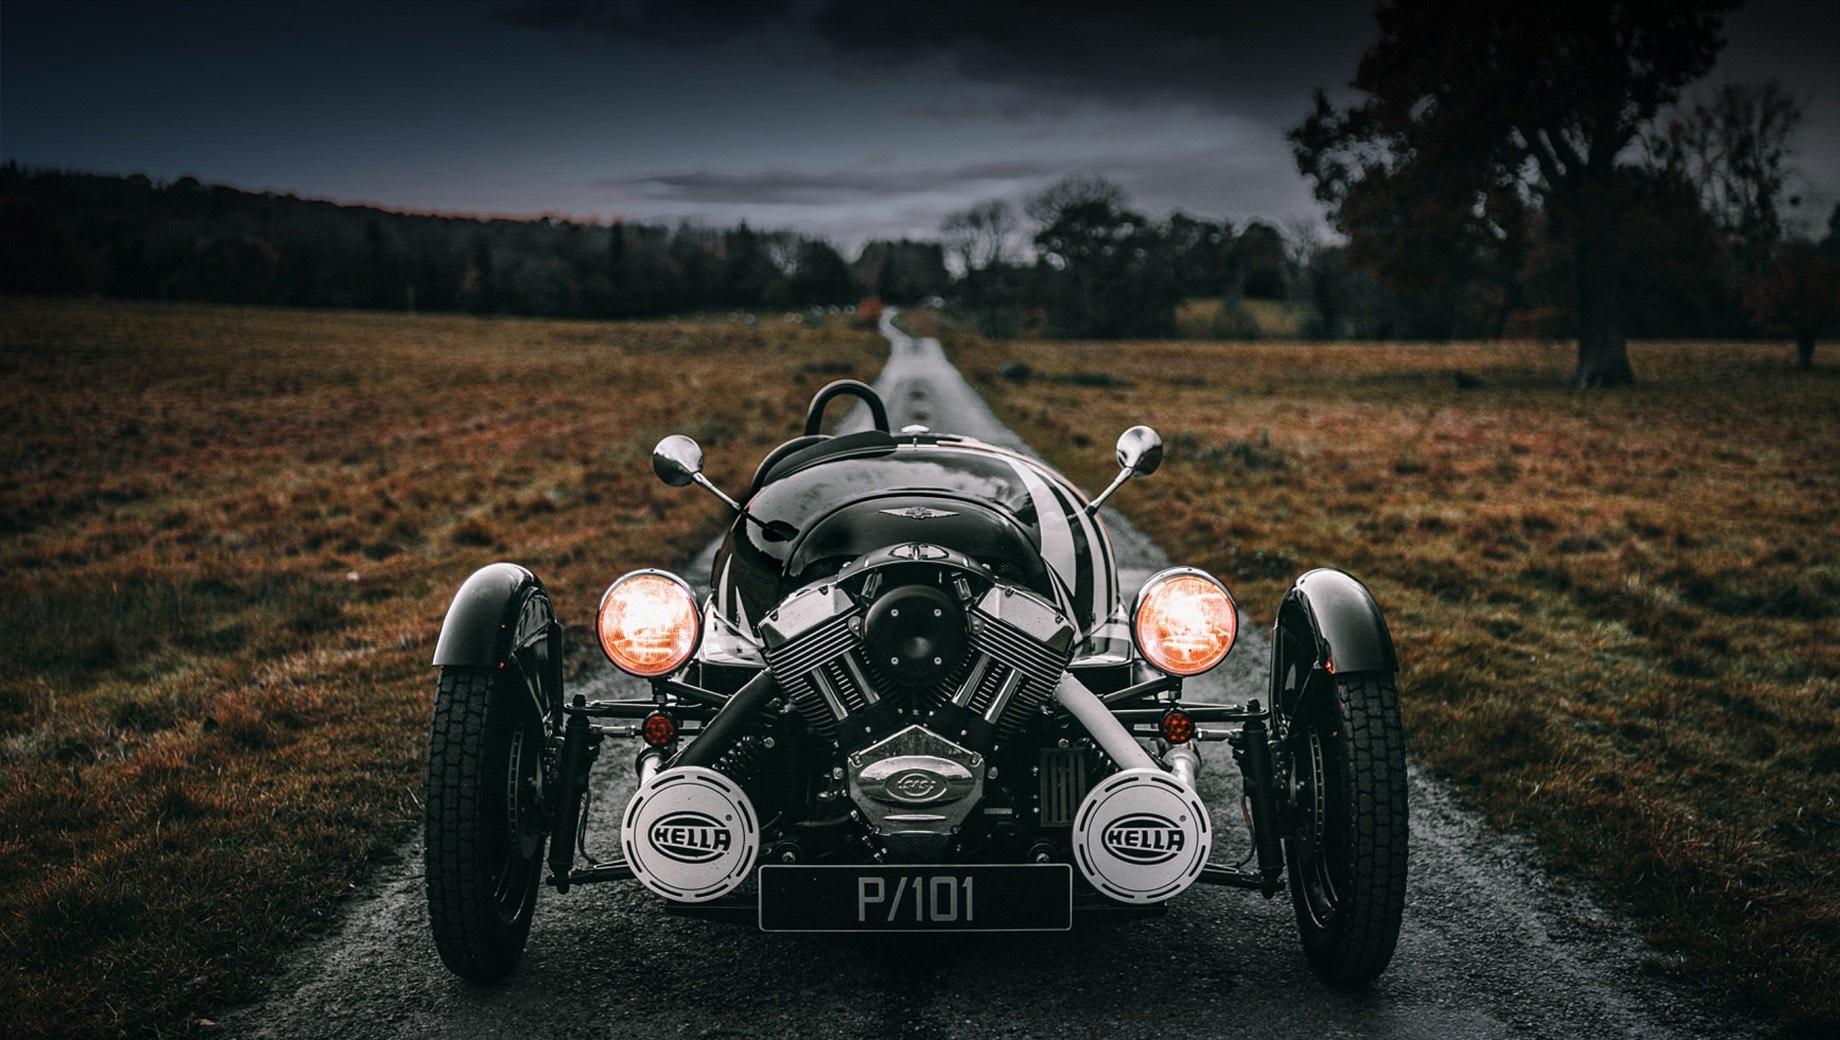 Morgan 3 wheeler. Лицом родстера был мотоциклетный мотор V2 2.0 (83 л.с., 140 Н•м и 69 л.с., 129 Н•м), раскручивающий заднее колесо. Однако двигатель от американской компании S&S Cycle заточен под эконормы Евро-4, поэтому использовать его на новом трицикле никак нельзя.